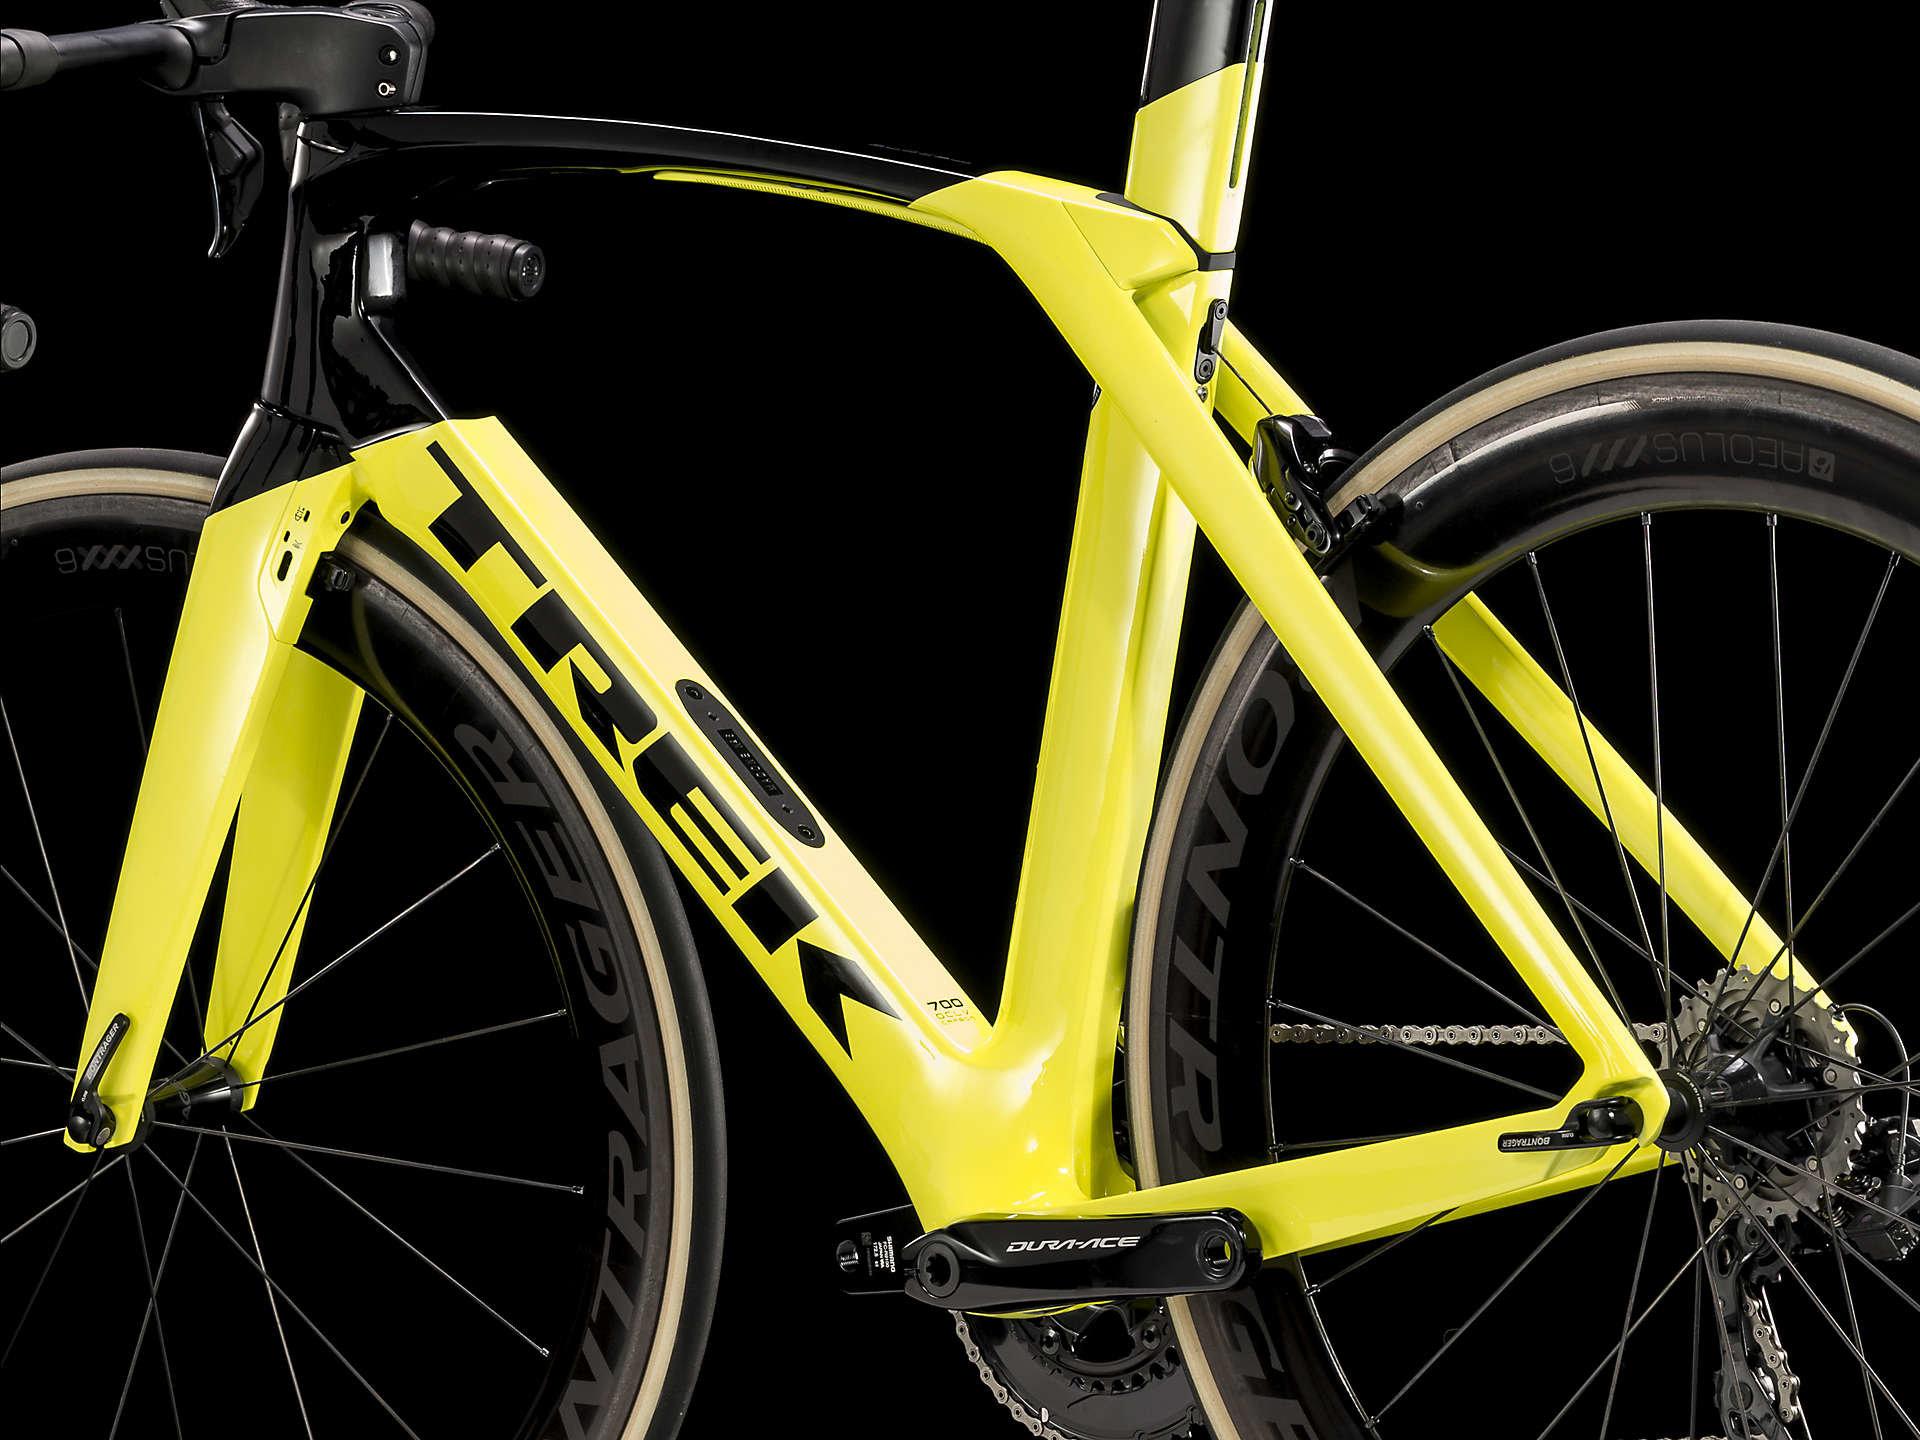 Trek Madone SLR 9 - Trek Bike Store USA